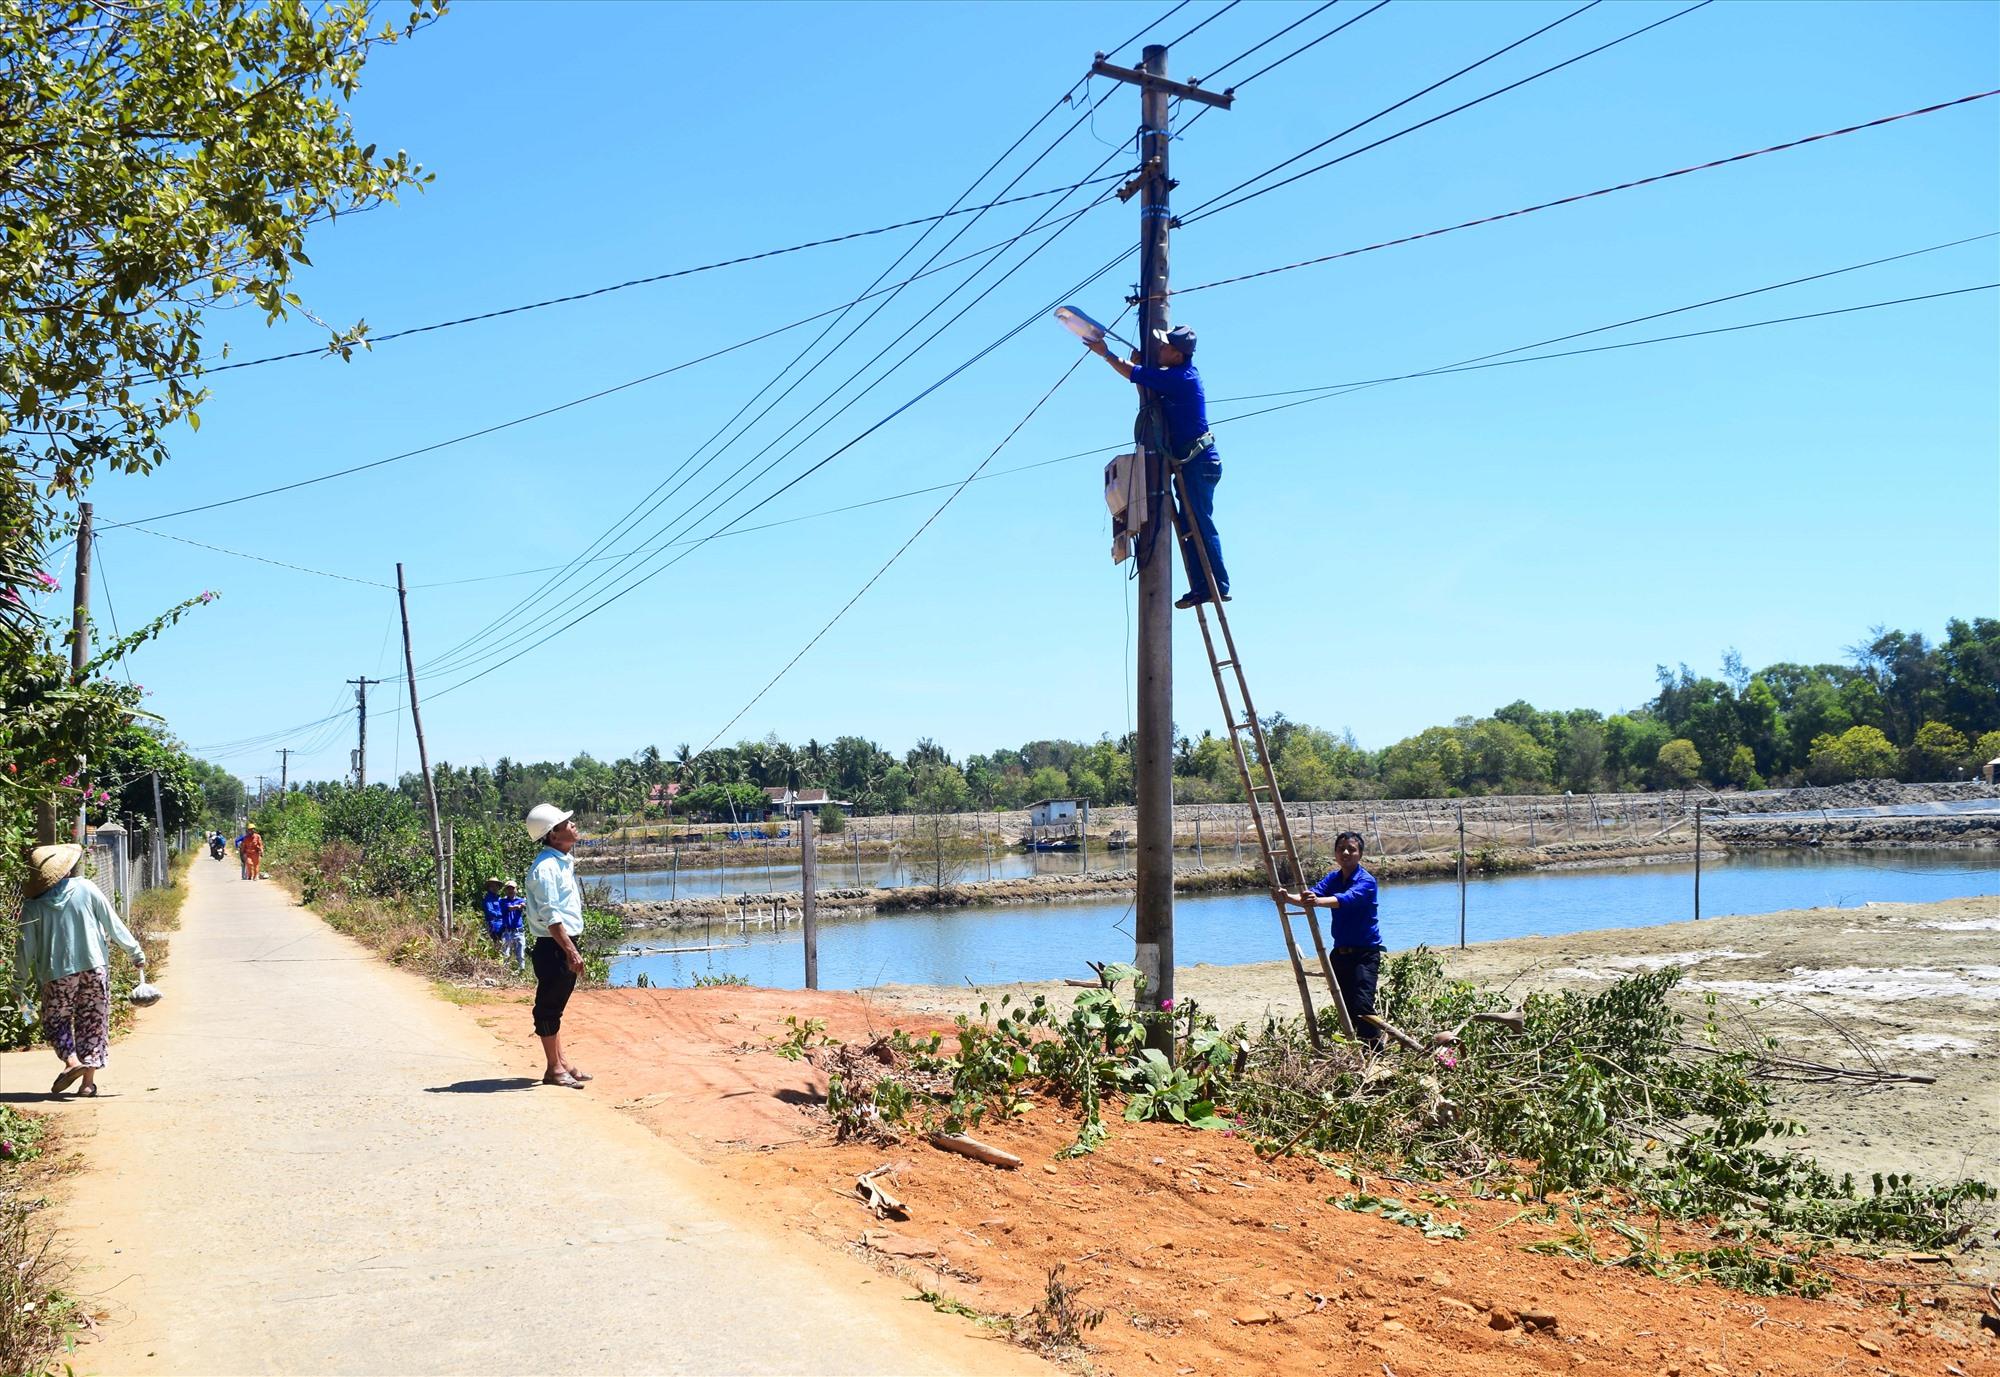 ĐVTN thực hiện công trình điện thắp sáng đường quê tại thôn Đông Thạnh (xã Tam Hòa). Ảnh: THÁI CƯỜNG